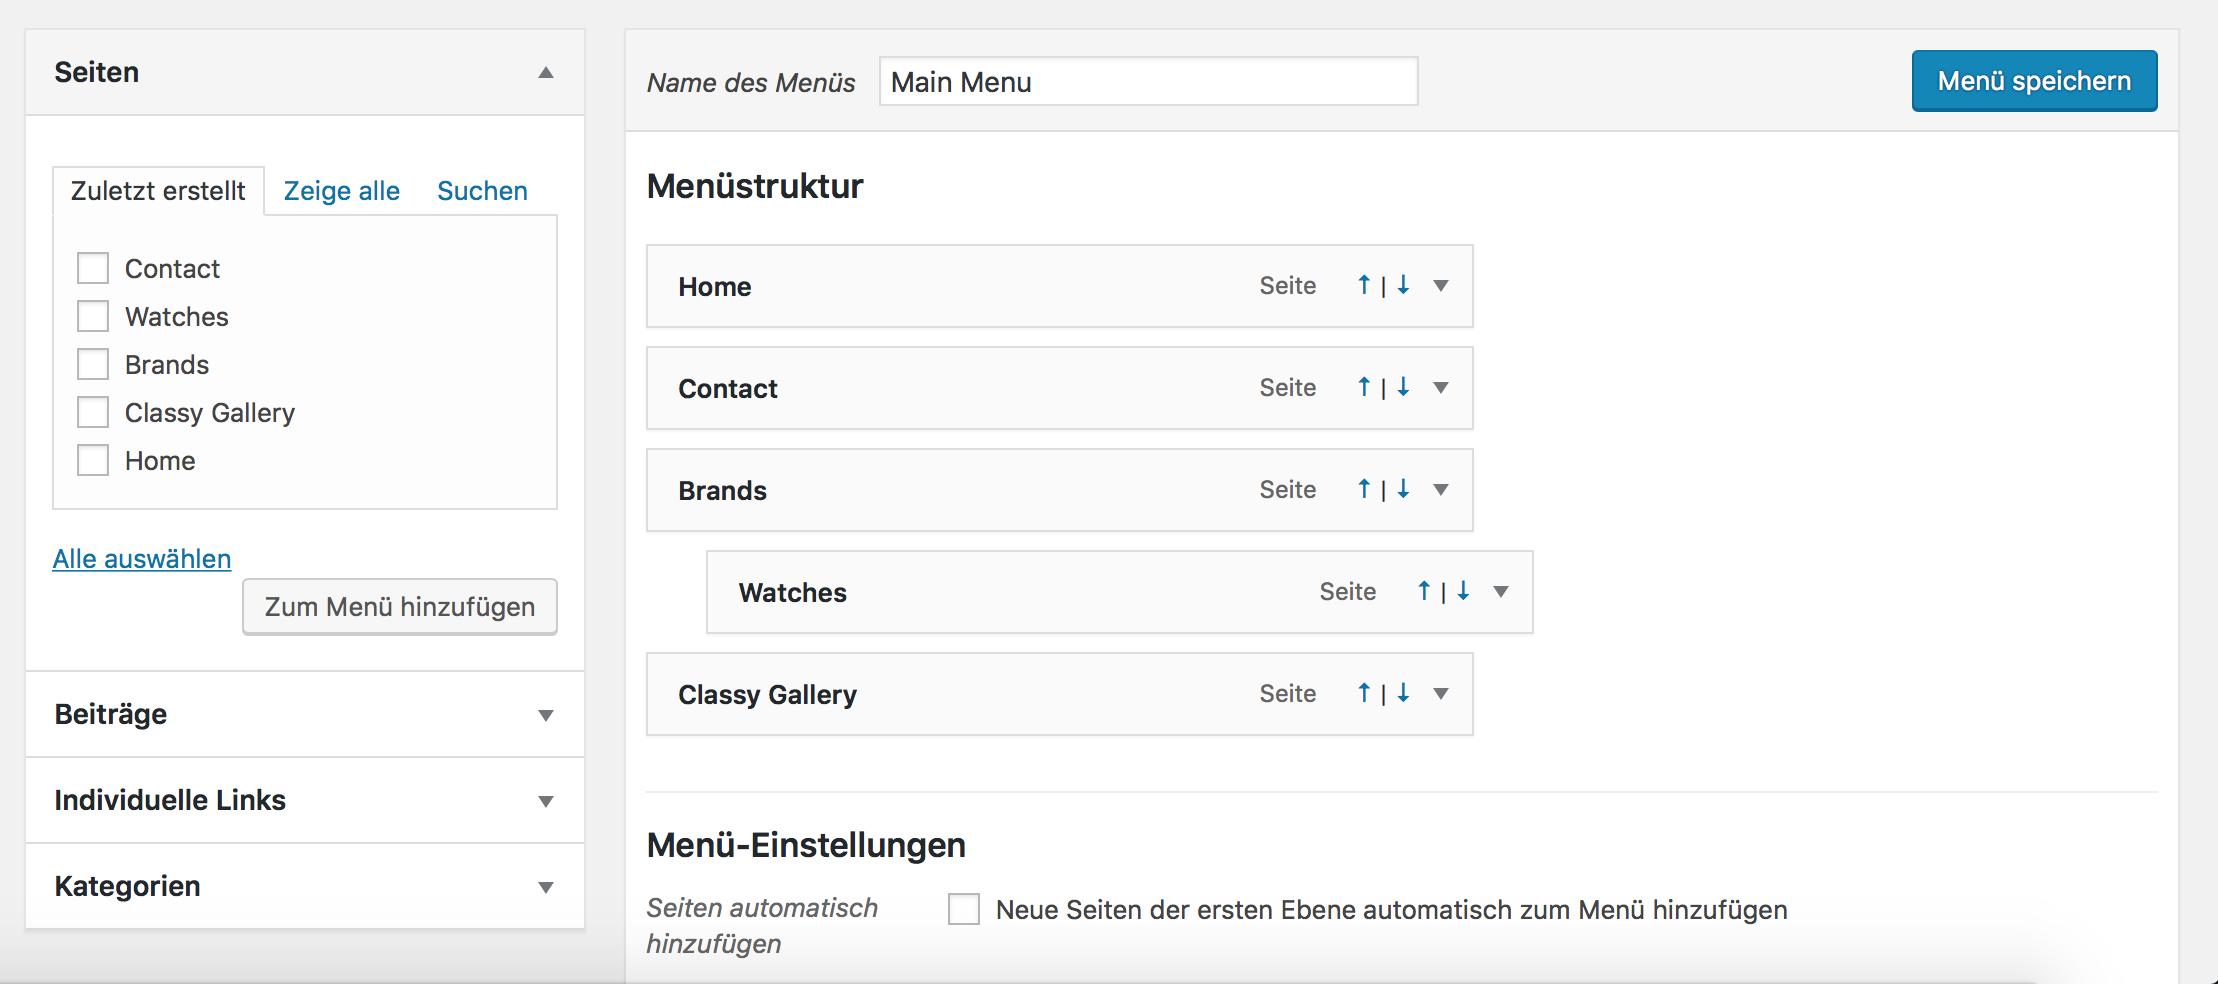 Über die Menü Funktion können Menü-Einträge einfach sortiert werden